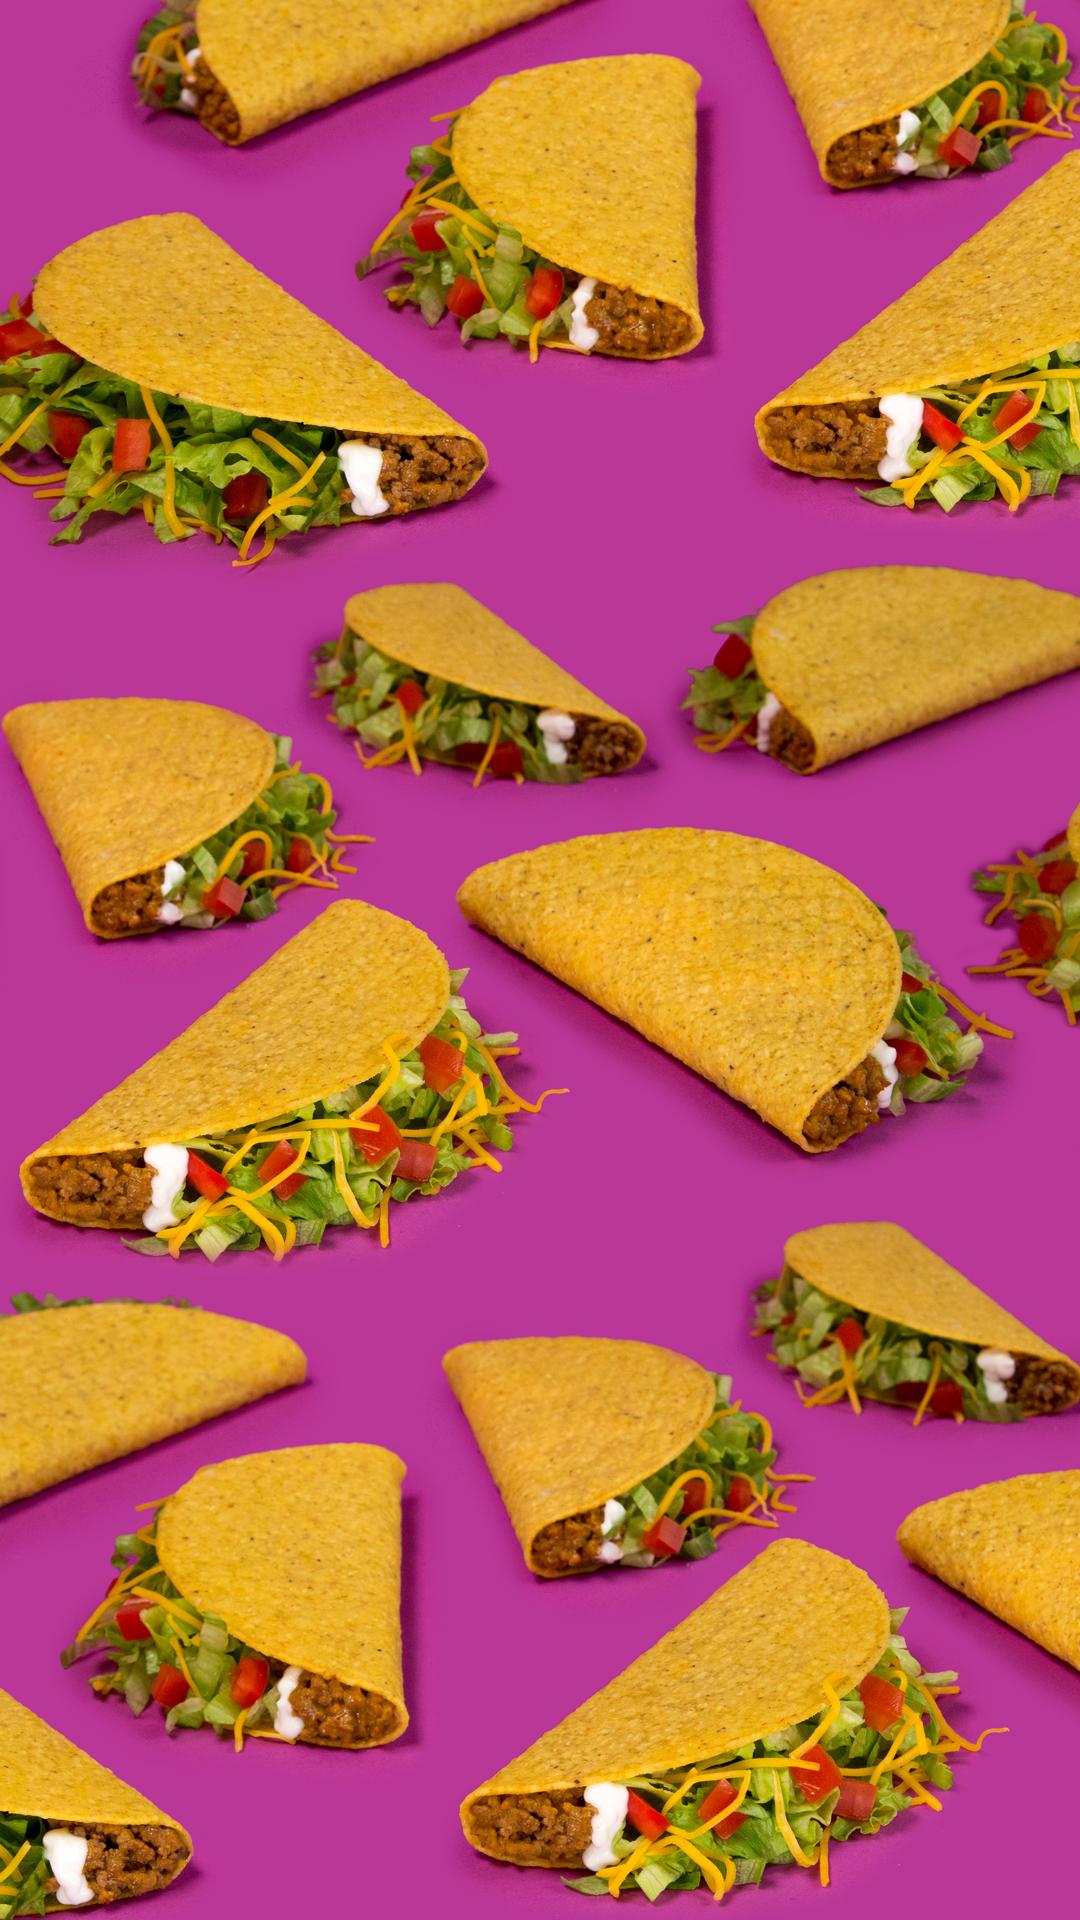 Taco Bell Wallpaper-17